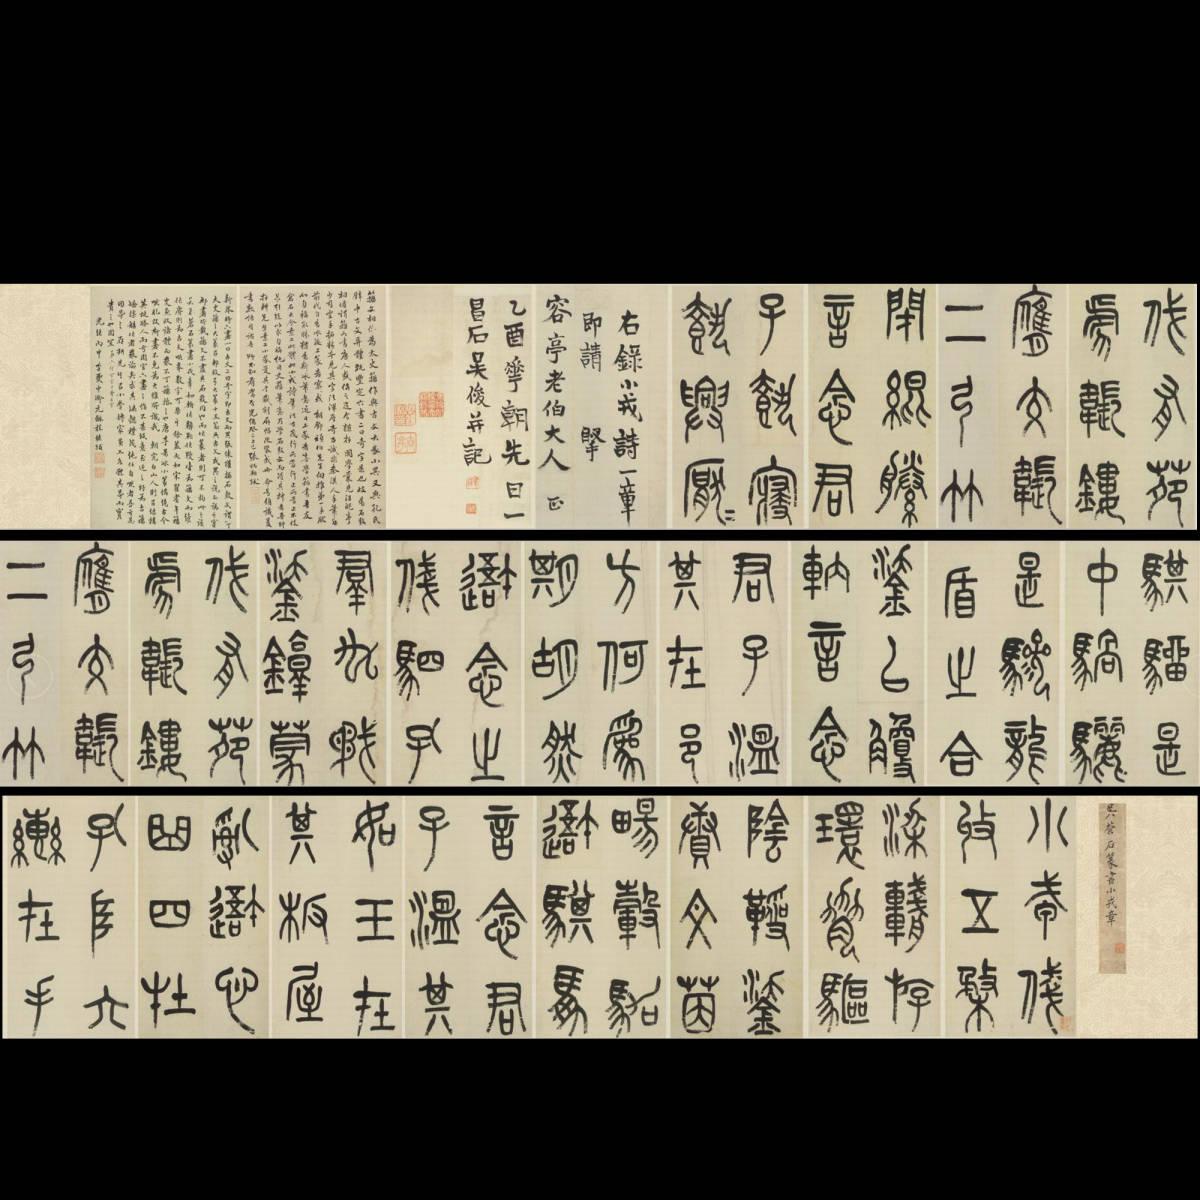 中国古美術 唐物 【呉昌碩、小戎詩集篆書】 掛軸 希少品 ・紙本